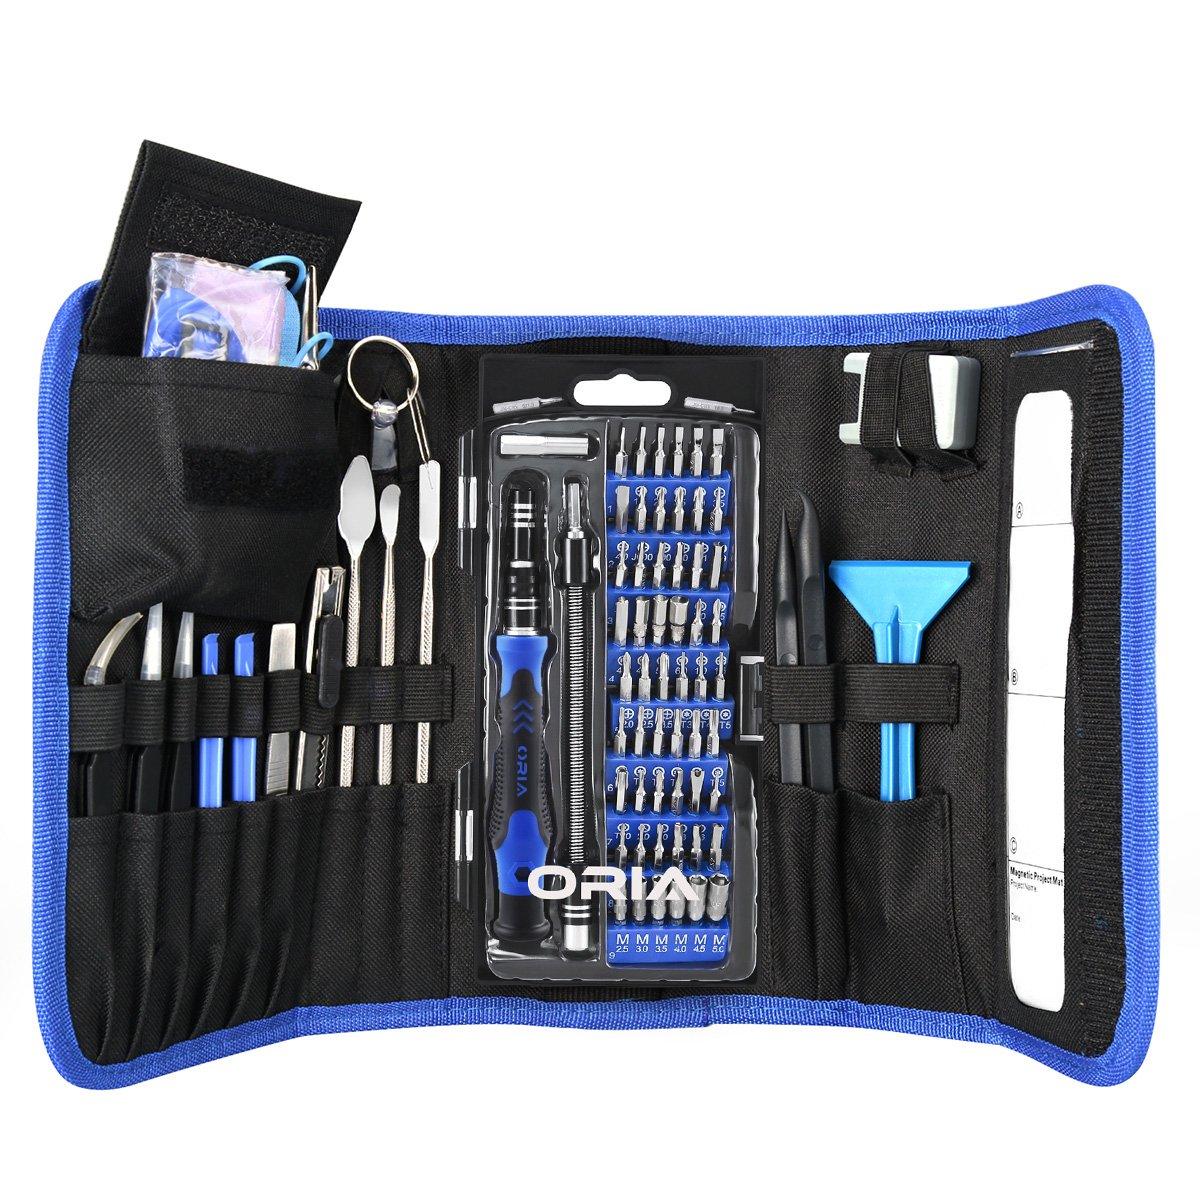 ORIA Precision Screwdriver Set, 86-in-1 Magnetic Repair Tool Kit, Screwdriver Kit Deal price $23.09 Reg.$32.99